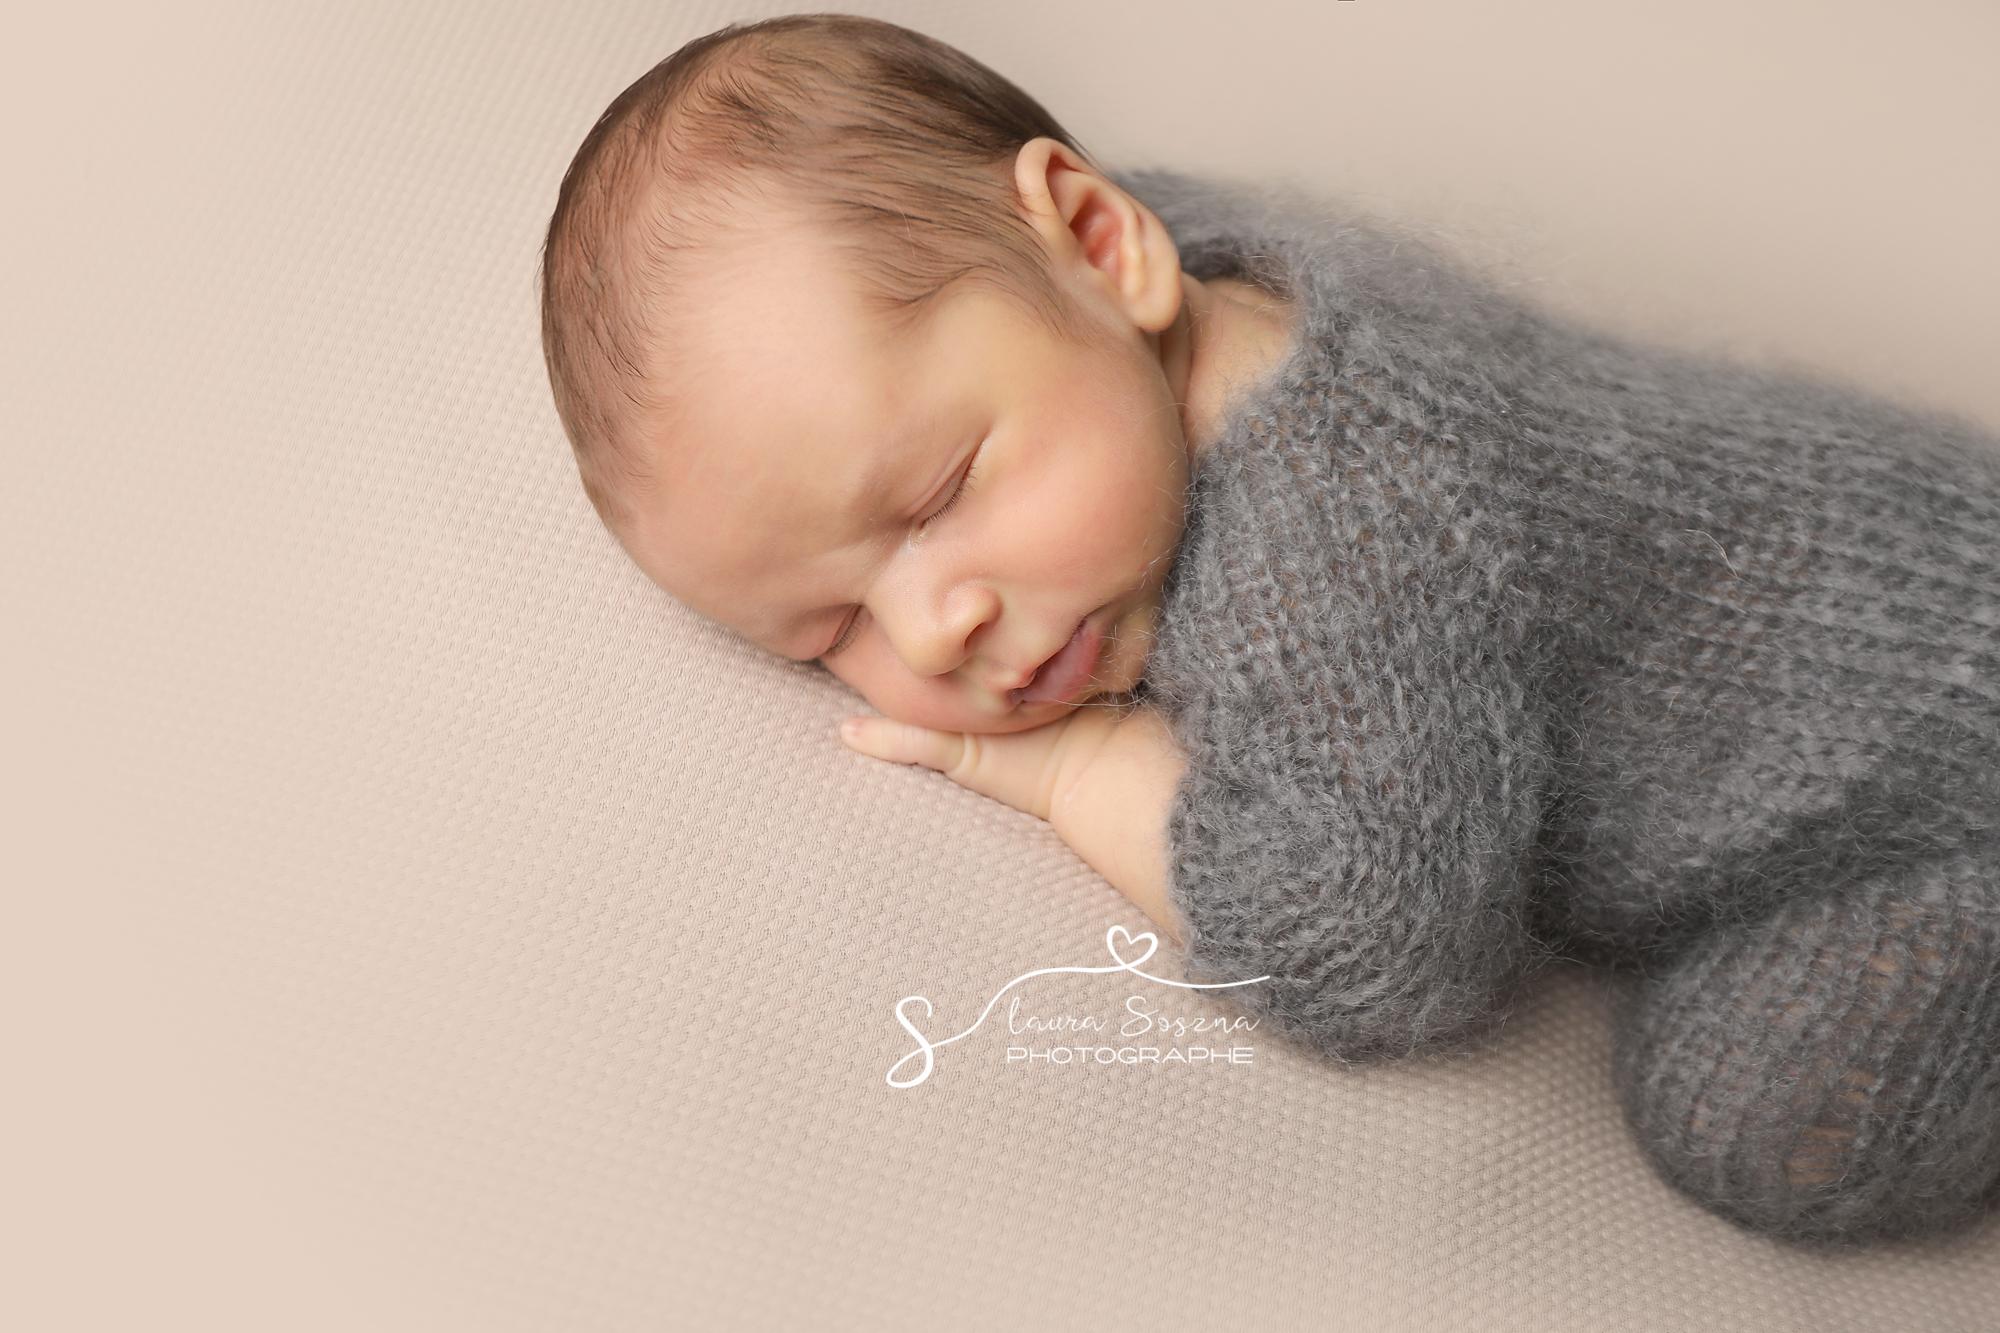 Laura Soszna photographe nouveau-né